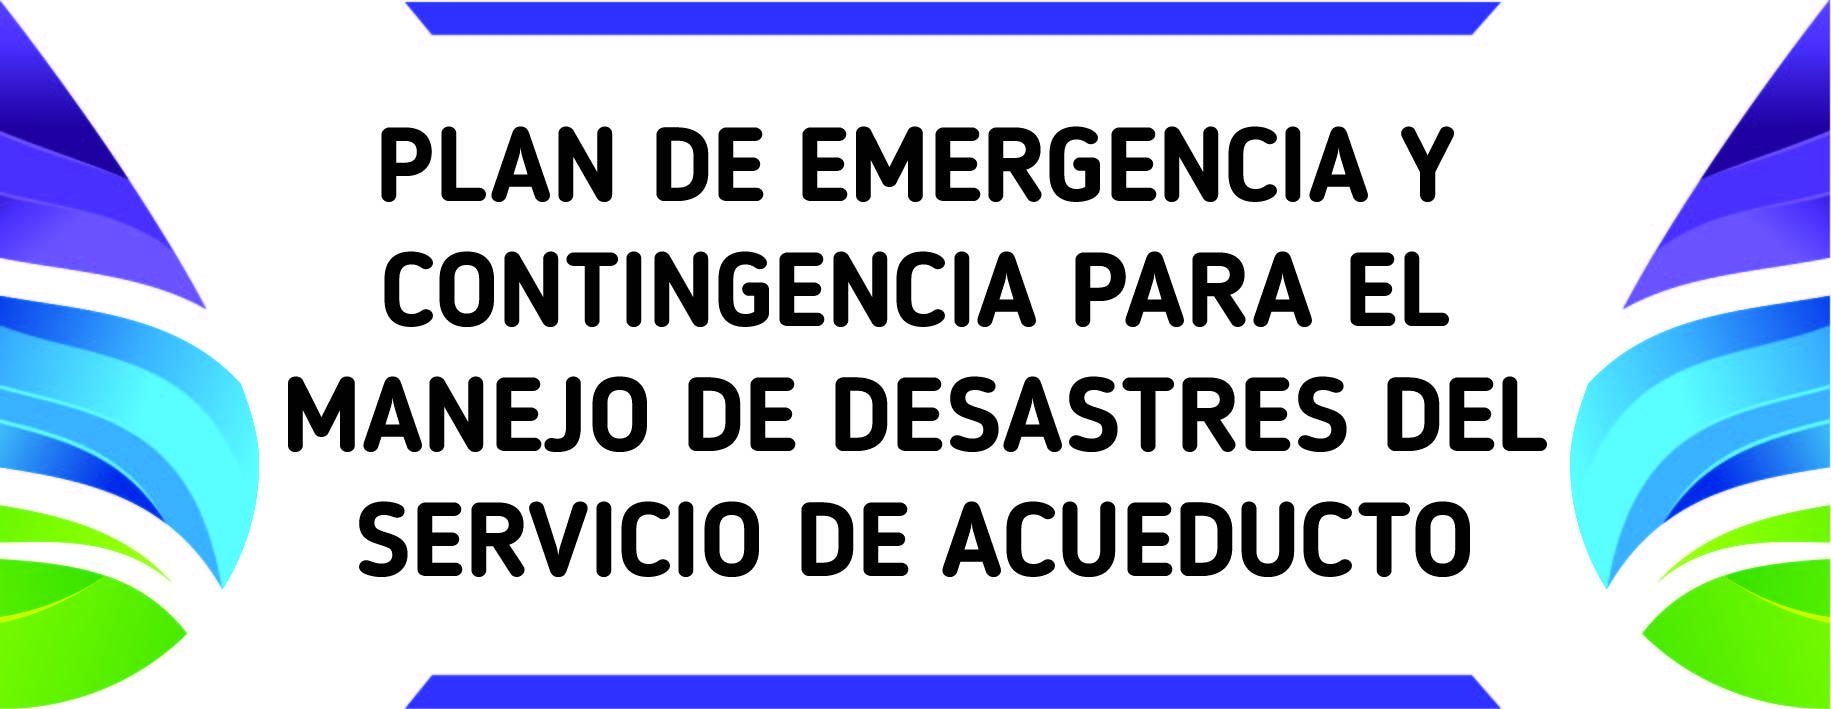 contingencia acueducto-01